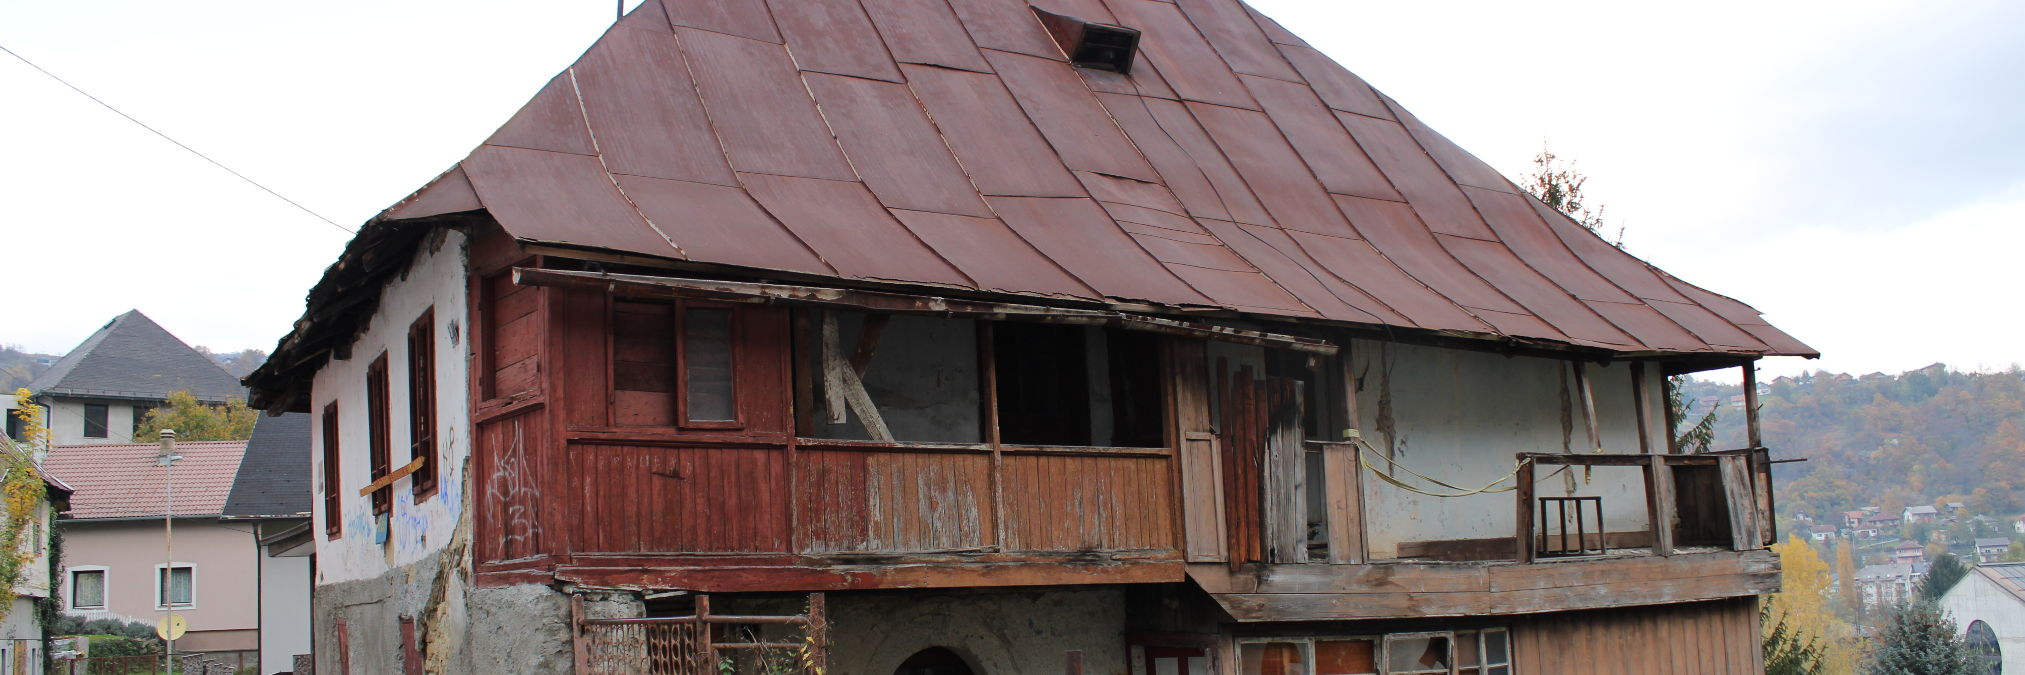 Старинный дом в Вароши в Яйце